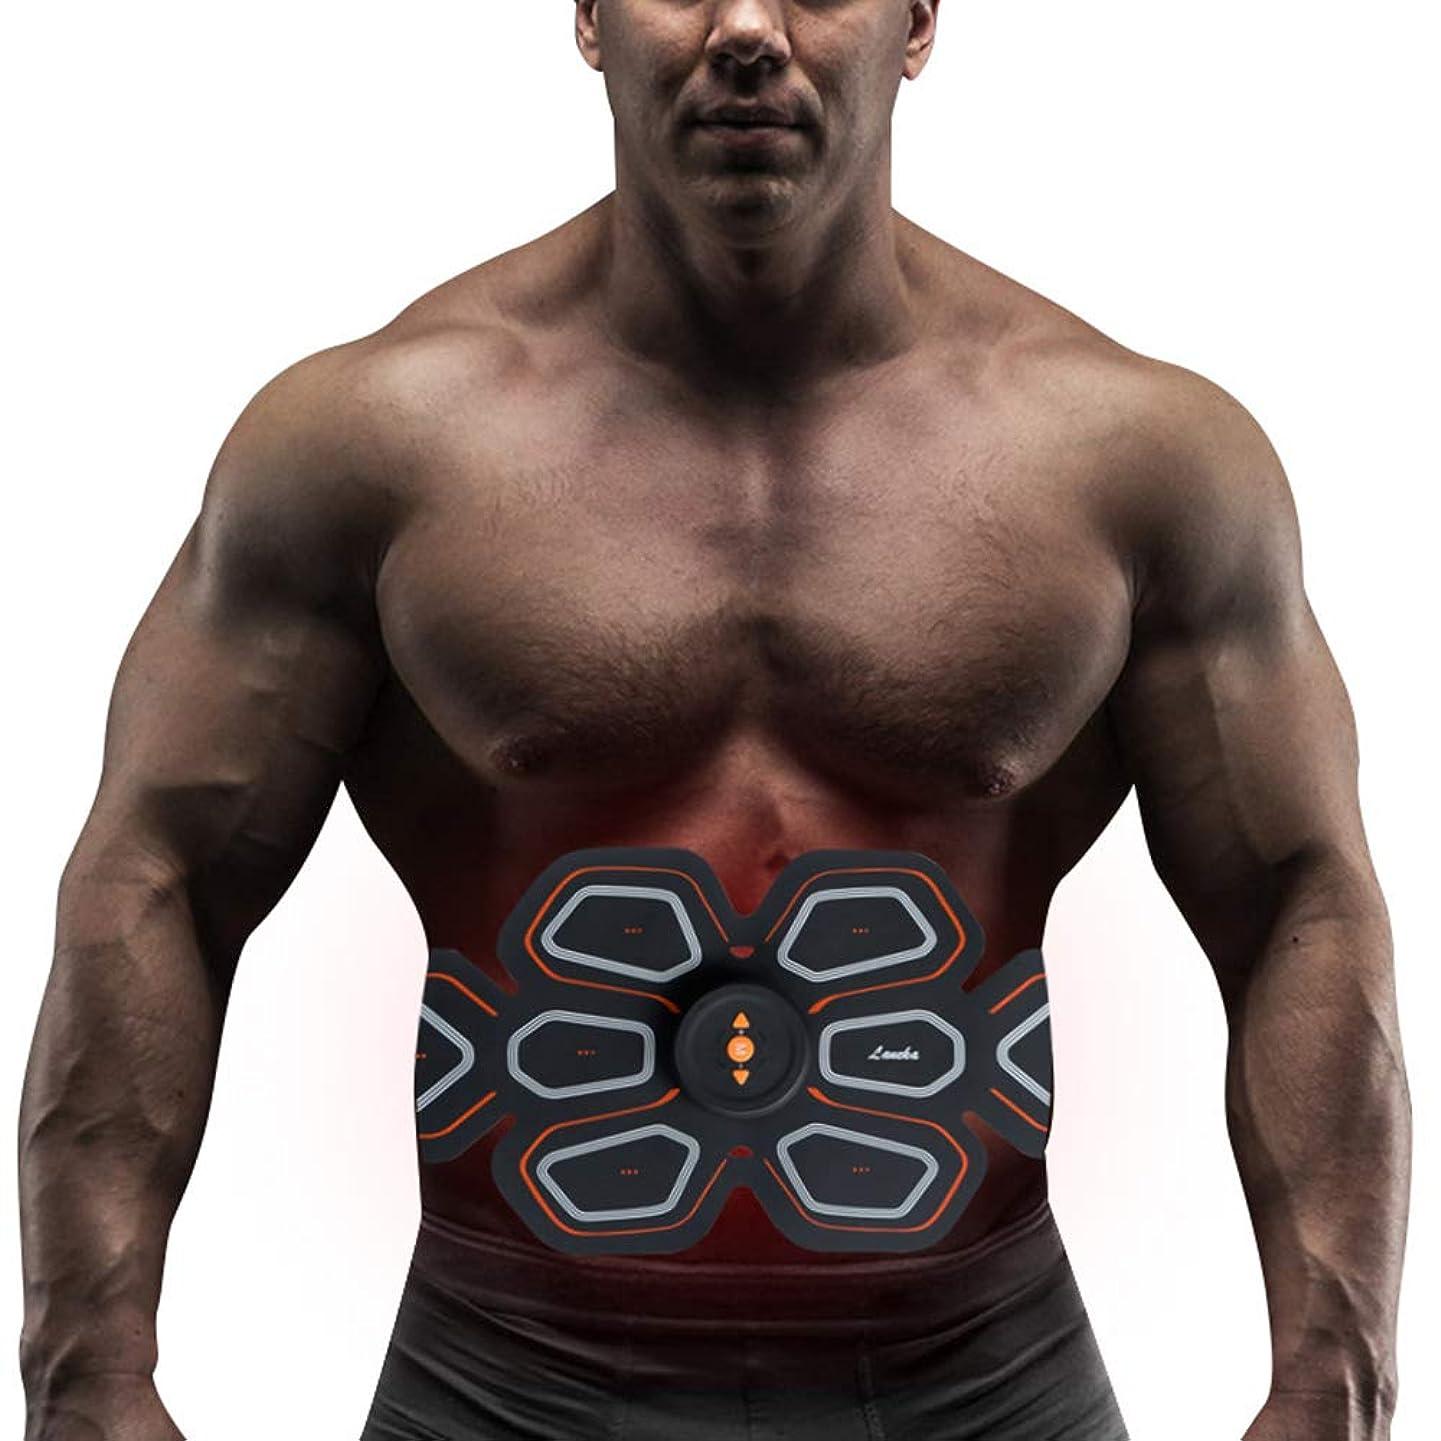 弾薬封筒権威スマート腹部筋肉トレーナーusb電気マッサージフィットネス機器EMS筋肉刺激装置体重減少マッサージスポーツフィットネス機器ユニセックス